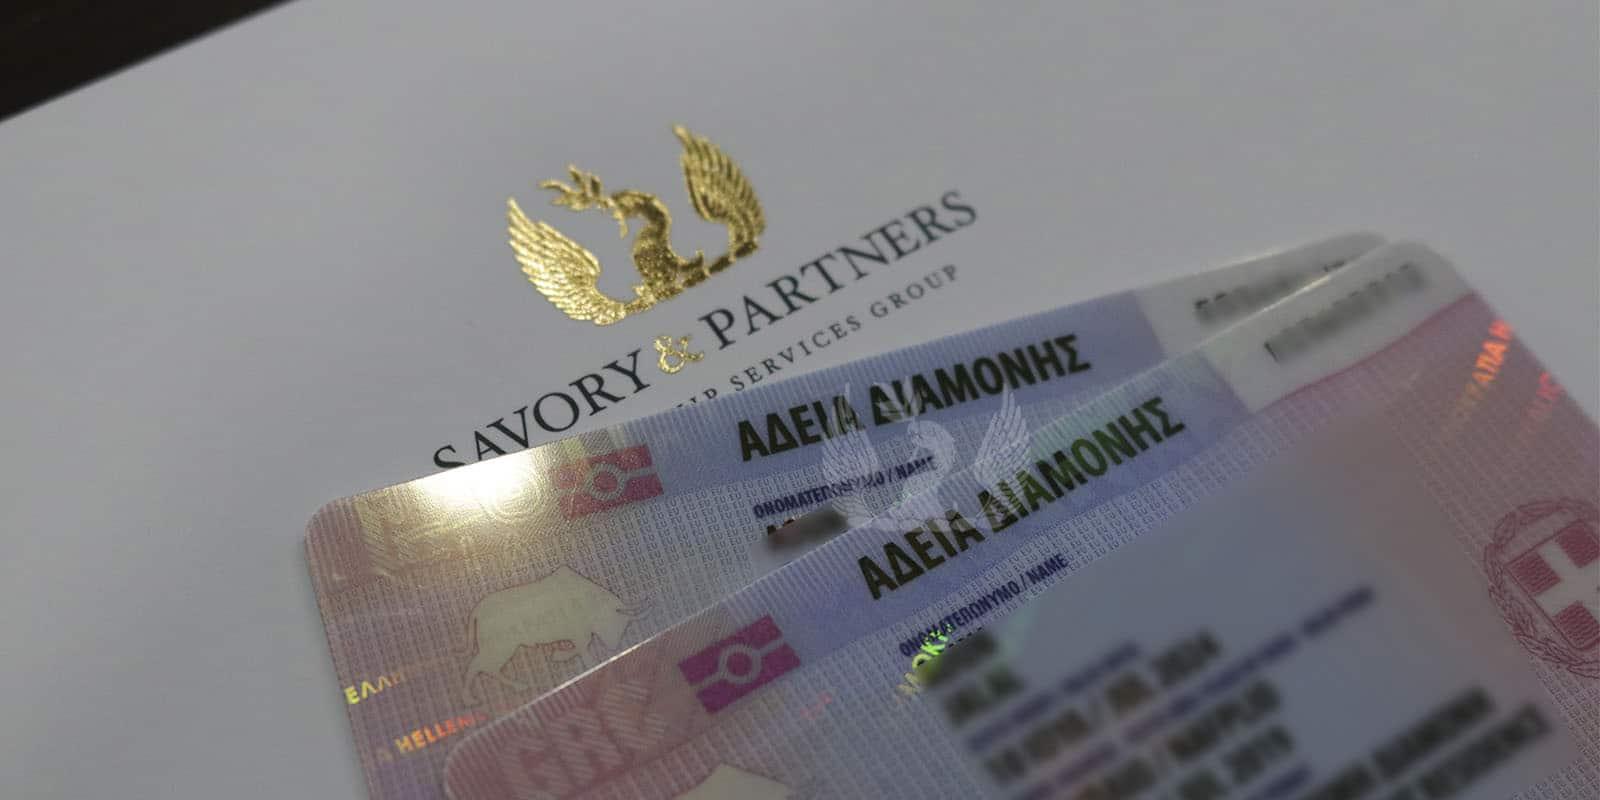 Greece Residence Permit - Savory & Partners, Dubai - UAE